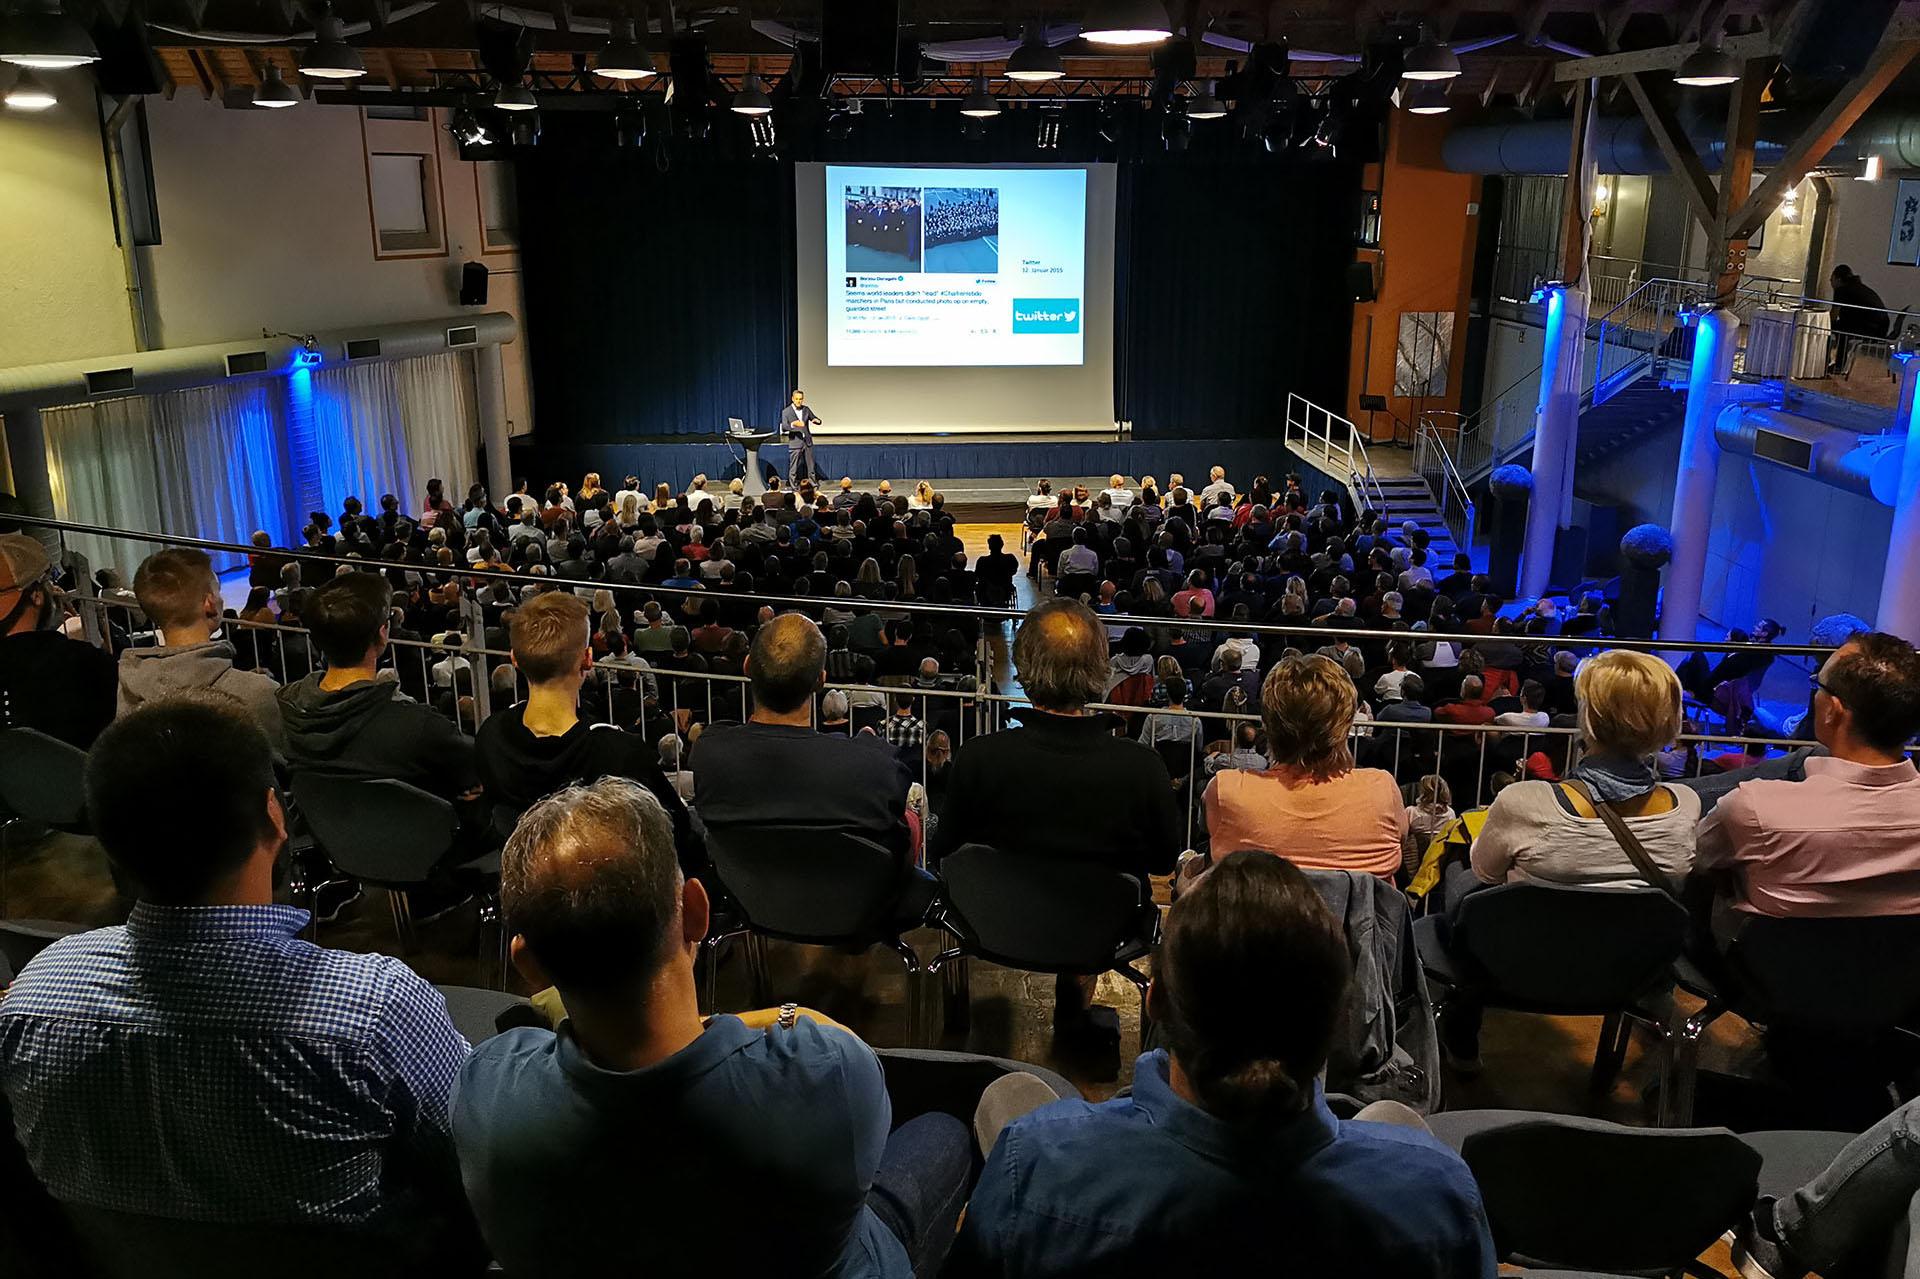 Volles Haus beim Vortrag von Dr. Daniele Ganser